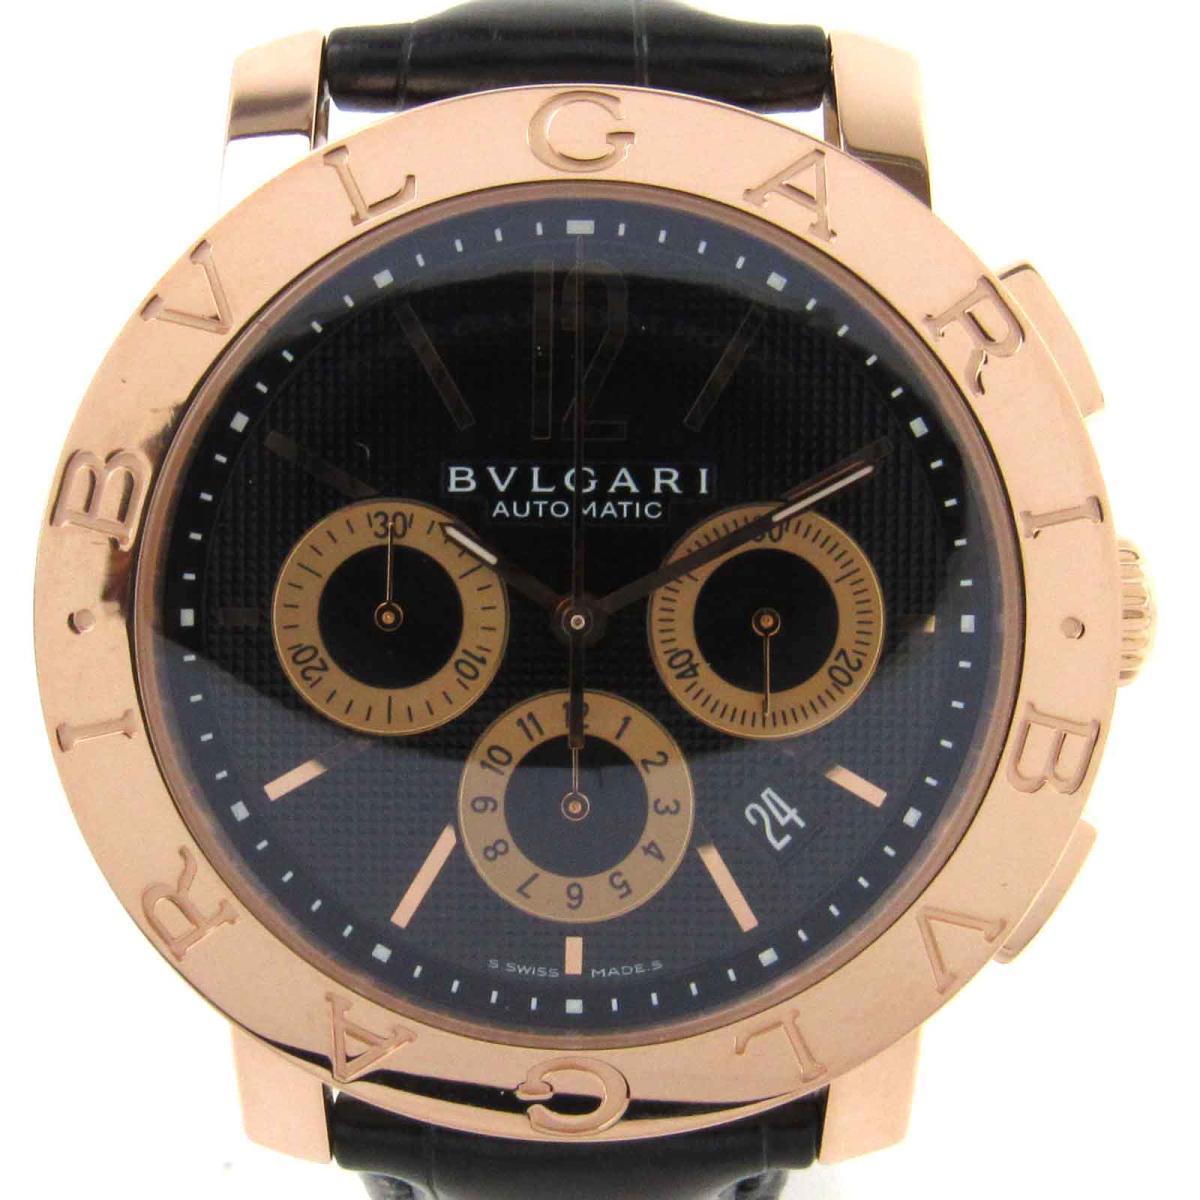 【中古】 ブルガリ ブルガリ ブルガリ クロノグラフ ウォッチ 腕時計 メンズ K18PG (750) ピンクゴールド x クロコレザー (BBP42GLCH) | BVLGARI オートマチック 自動巻き 時計 K18 18K 18金 ブルガリ ブルガリ クロノ 美品 ブランドオフ